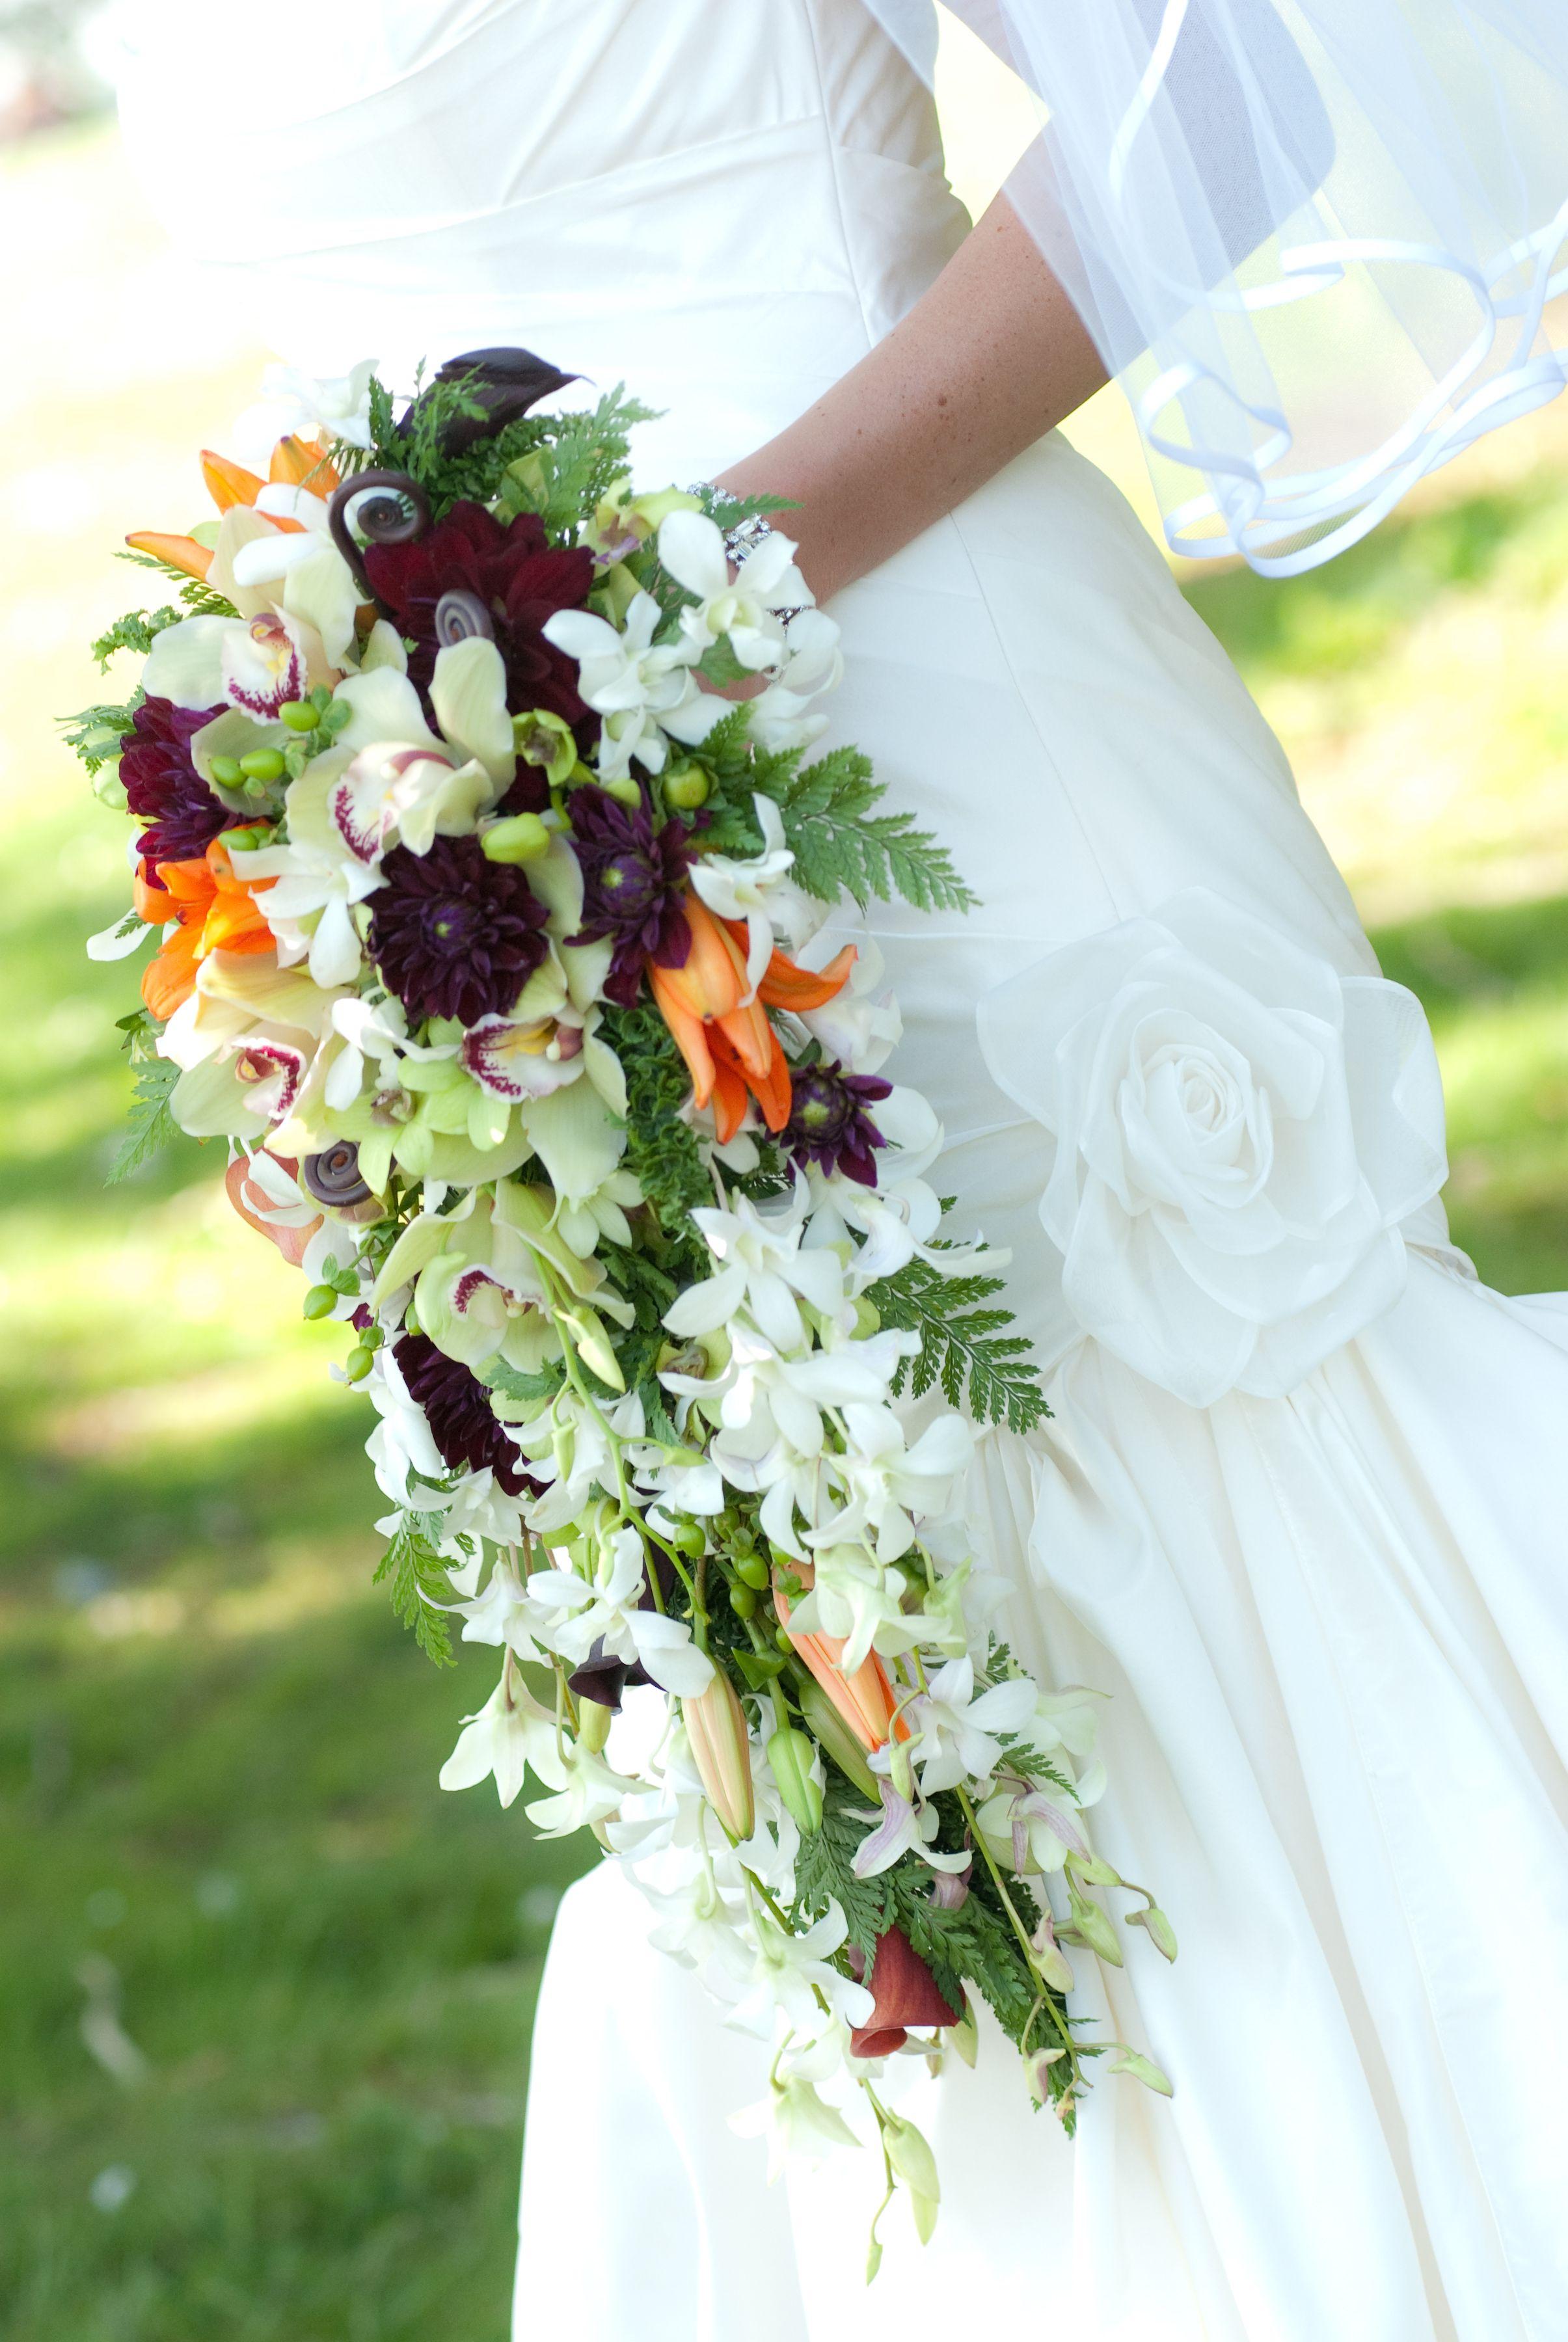 Wedding Cascade Bouquet Ideas : Cascade bouquet wedding ideas